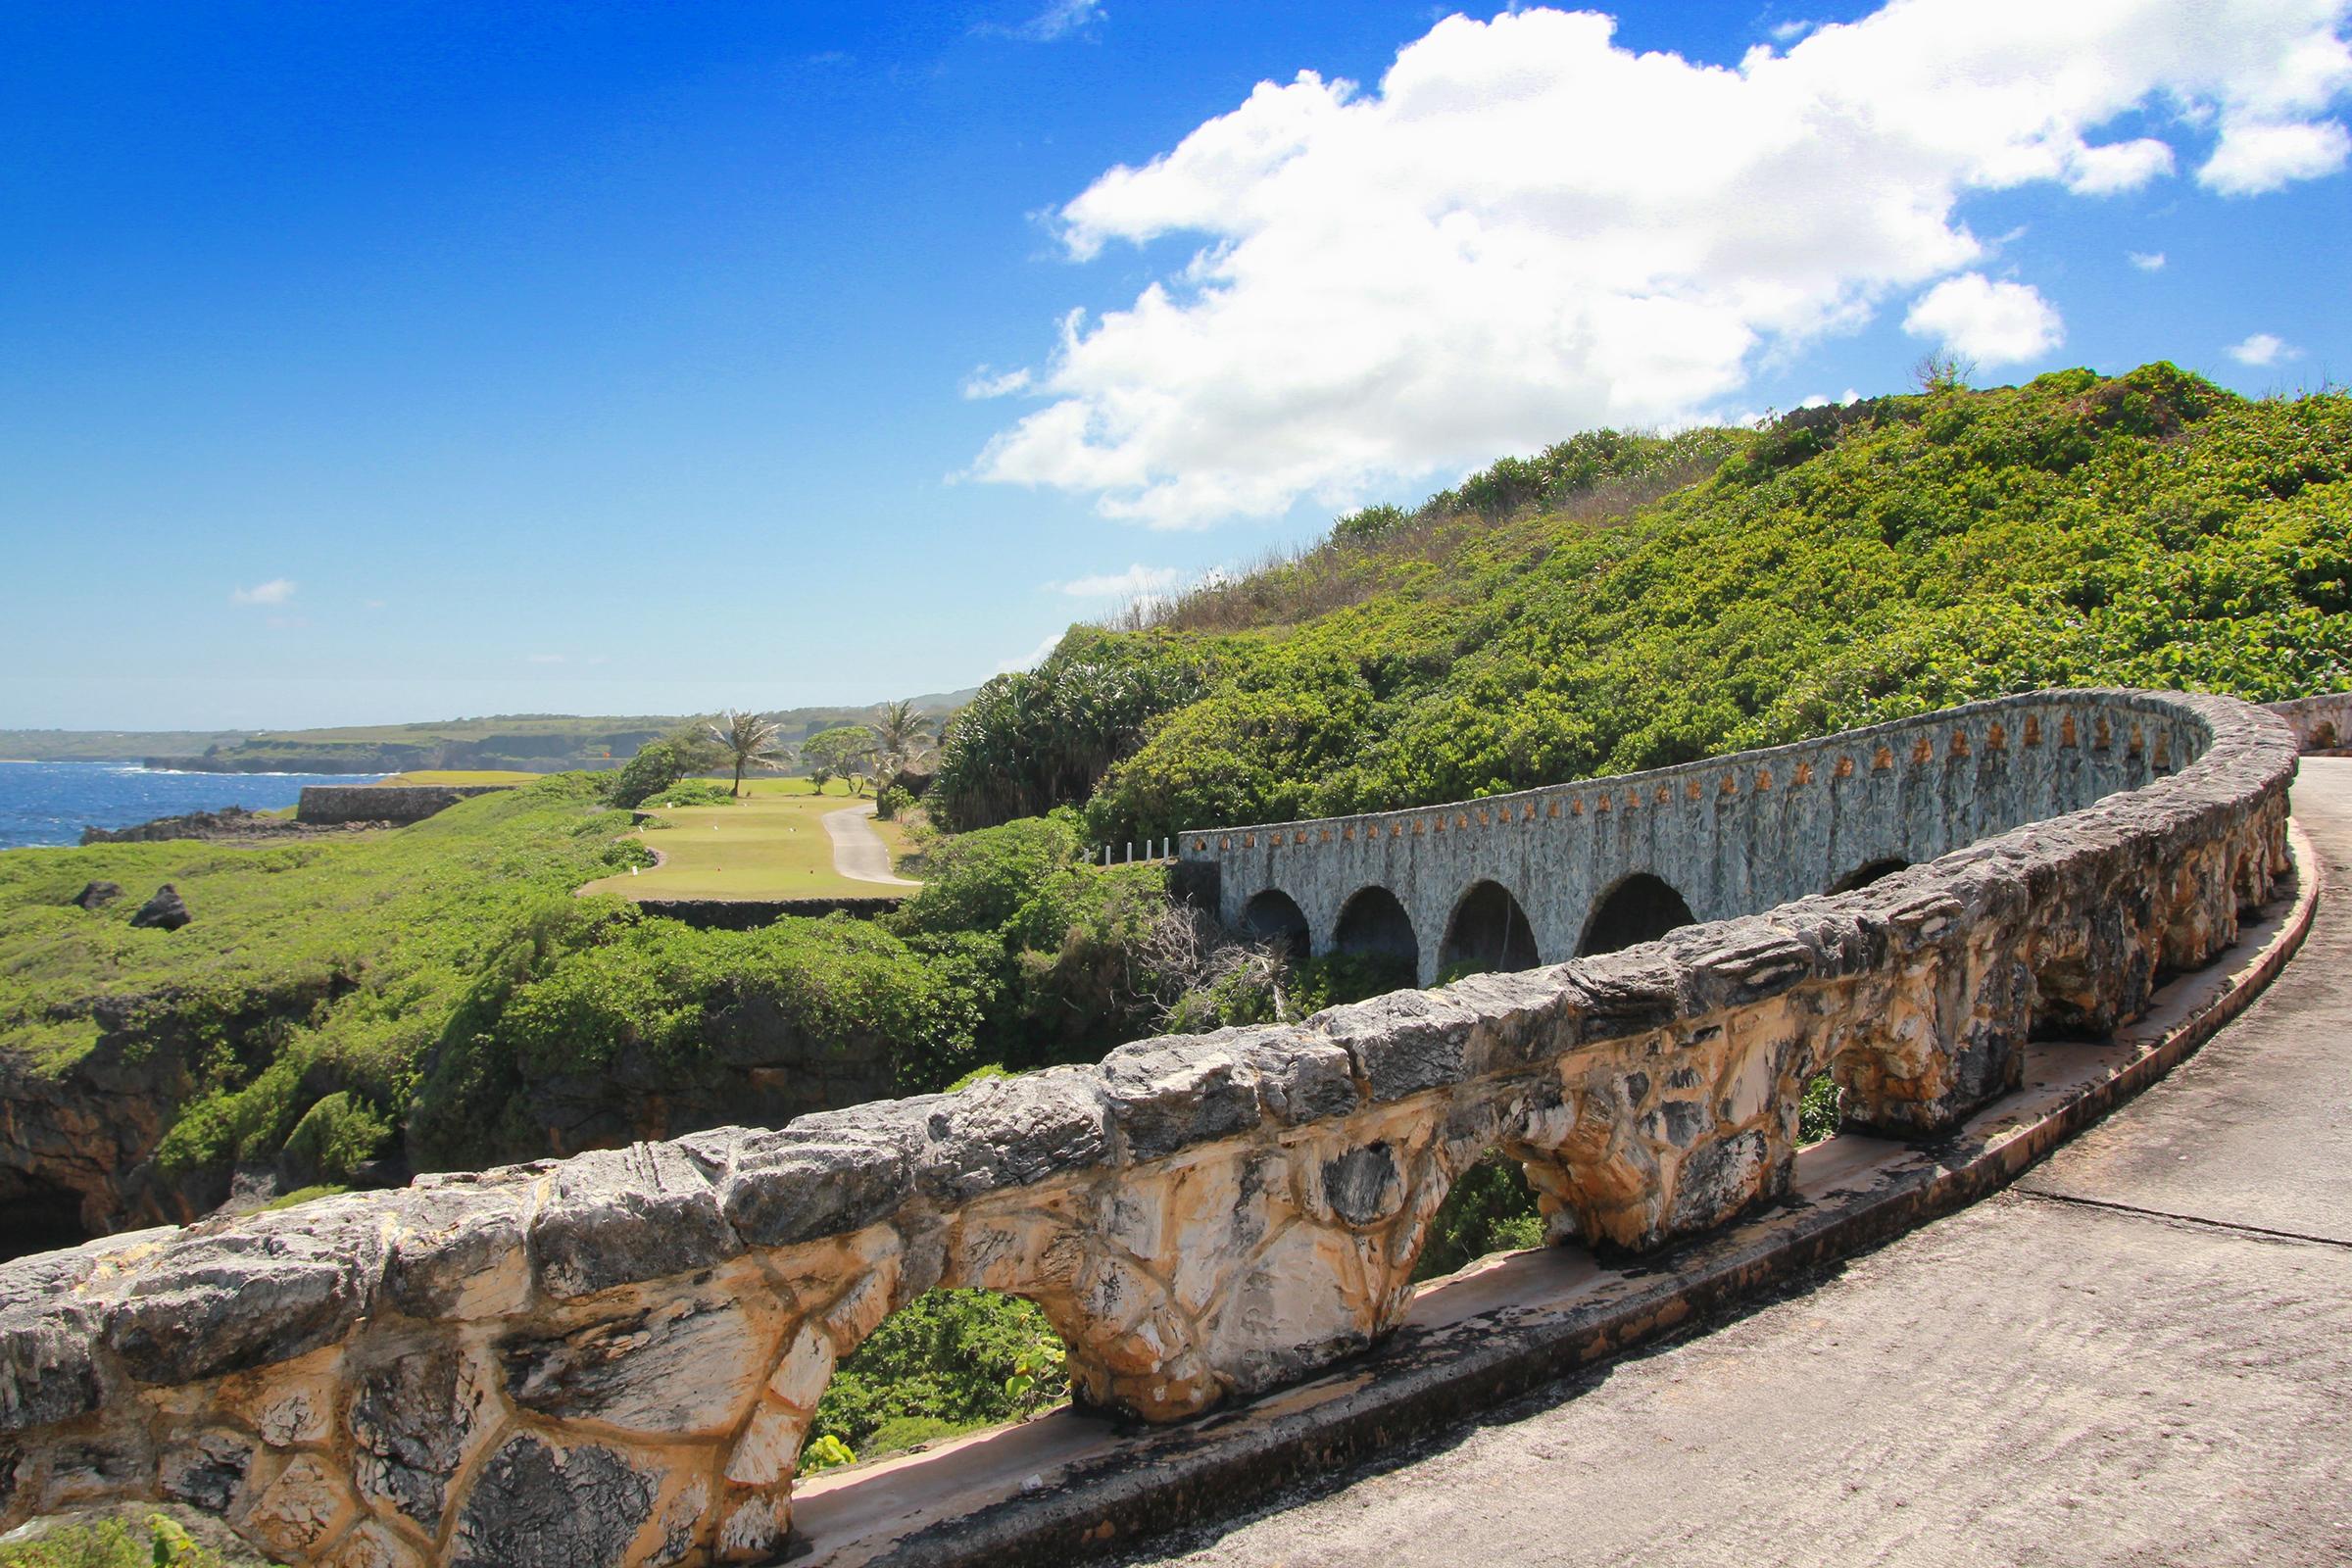 Northern Mariana Islands Stone Bridge